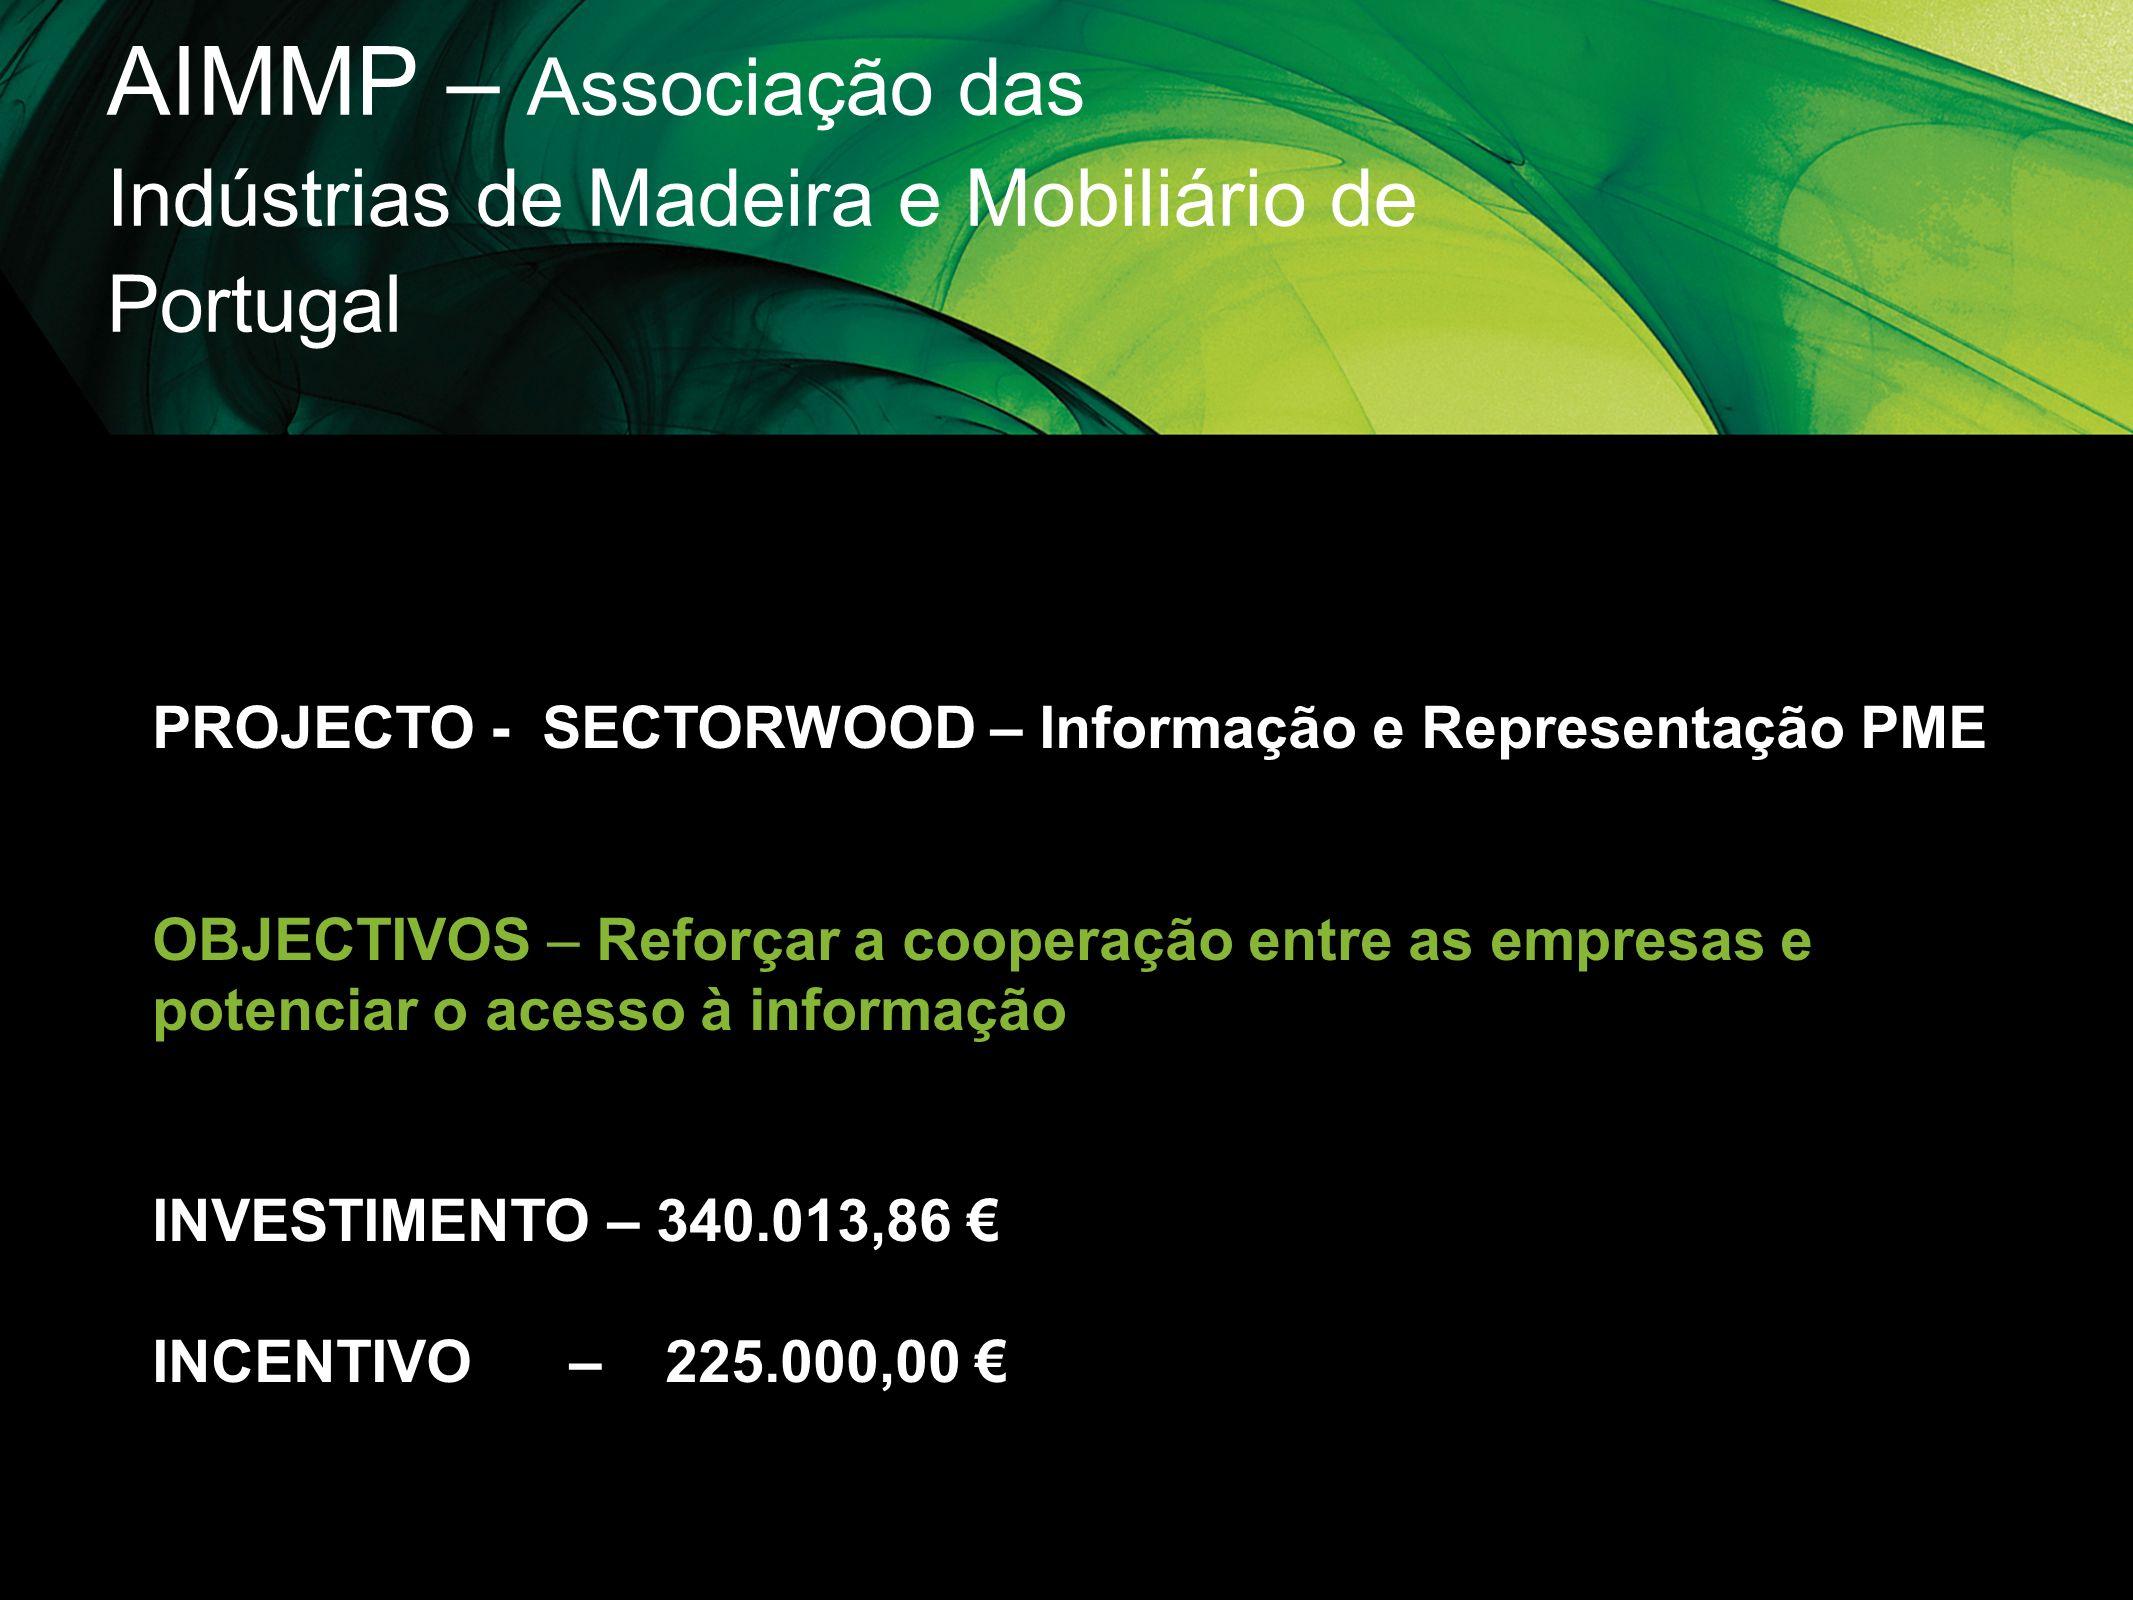 AIMMP – Associação das Indústrias de Madeira e Mobiliário de Portugal